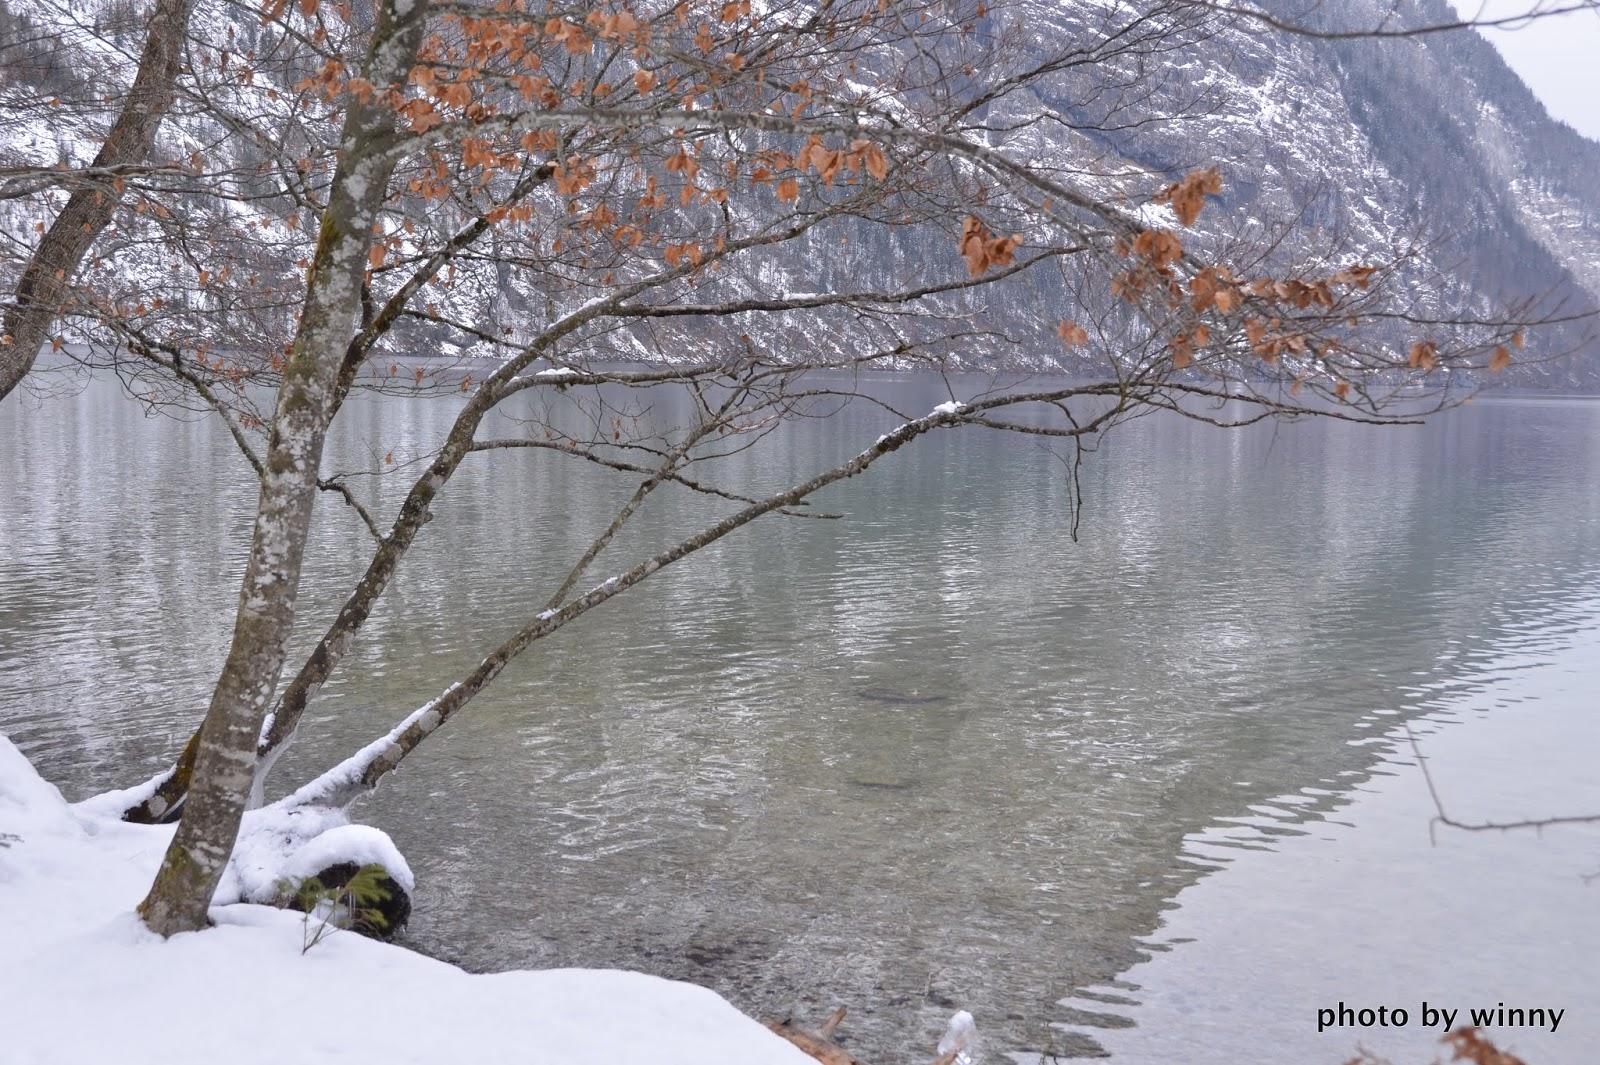 旅遊筆記: Germany ﹣﹣﹣Königssee 德國 國王湖